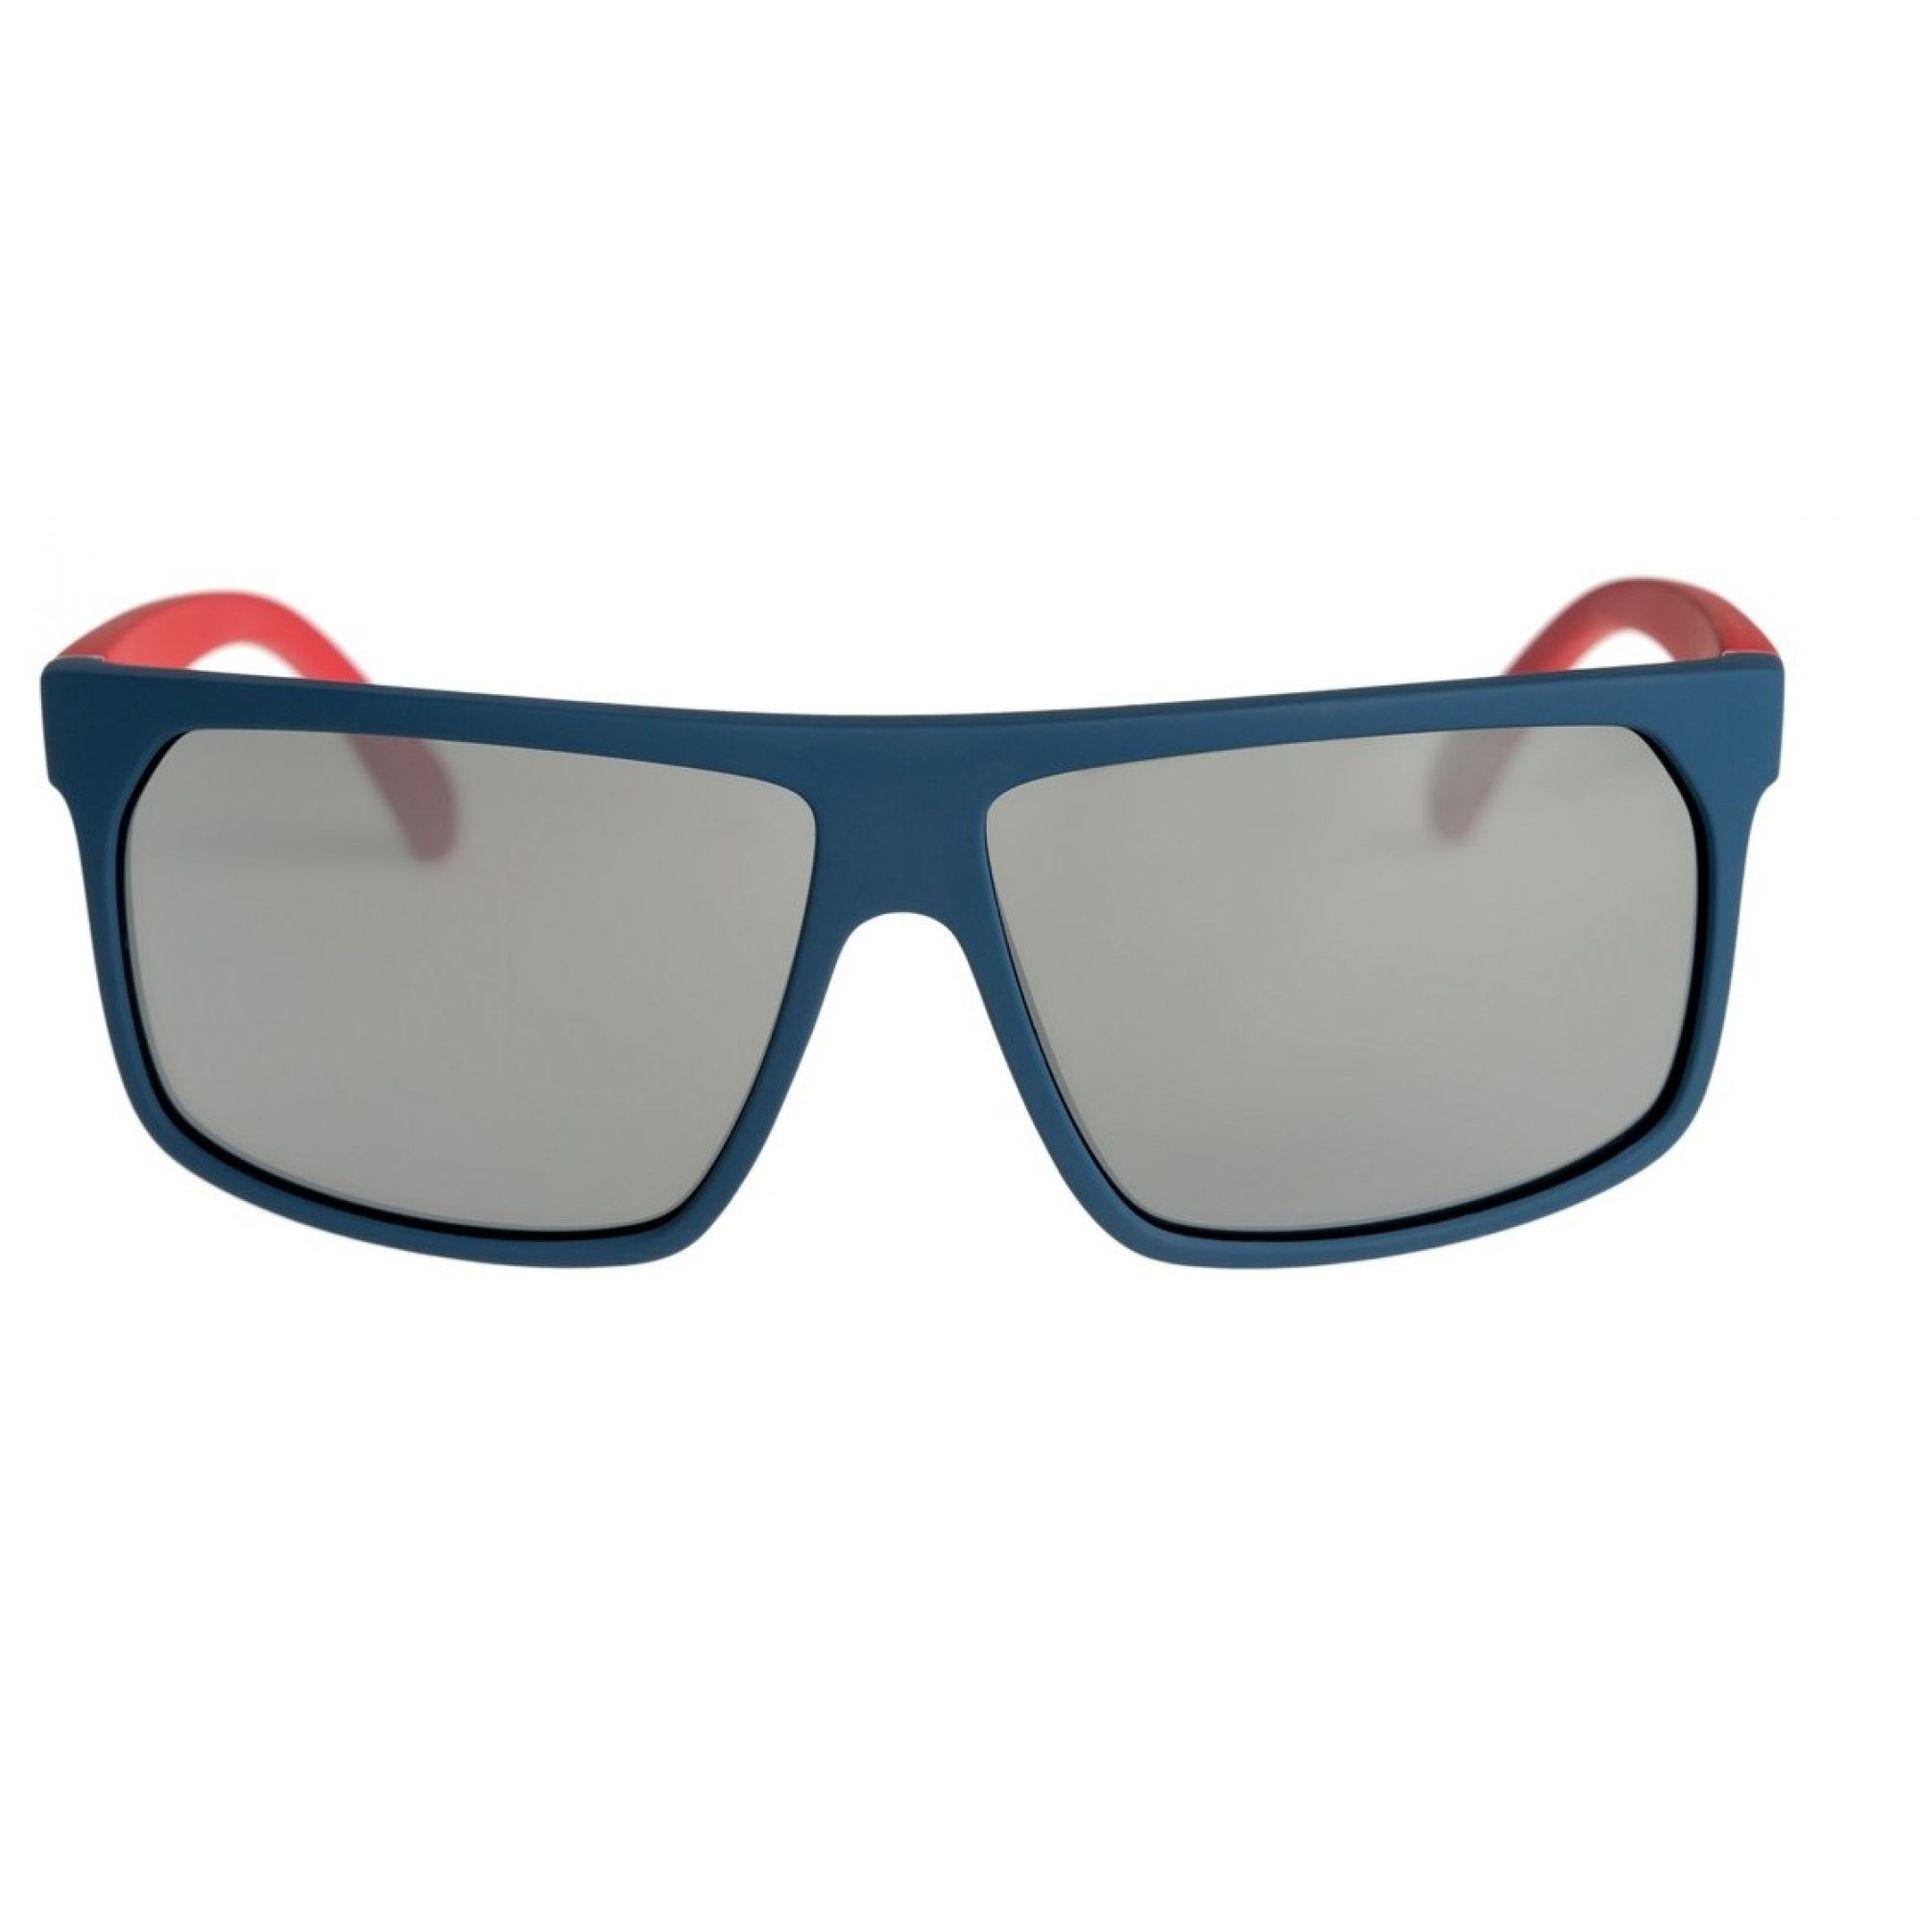 Okulary Quiksilver Moonwalker widok z przodu czerwony